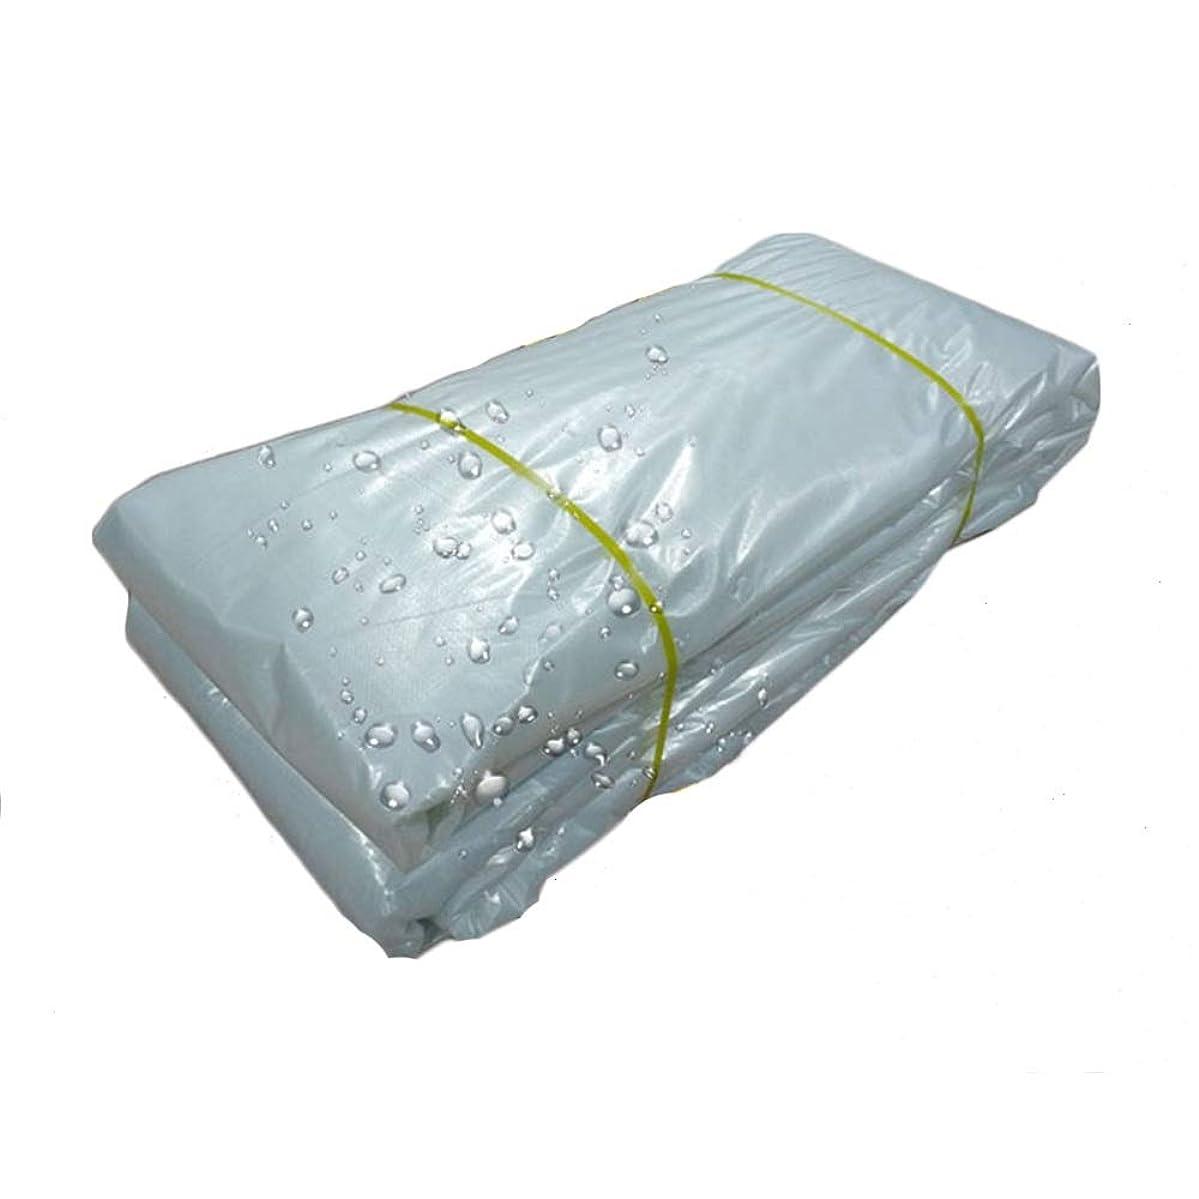 ロードハウス裕福な移行するHPLL 多目的防水シート 透明なPEターポリン、キャノピー厚く雨布日焼け止めパンチシェード屋外ターポリン温室花植栽絶縁フィルム 防水シートのプラスチック布,防雨布 (Size : 4m×6m)